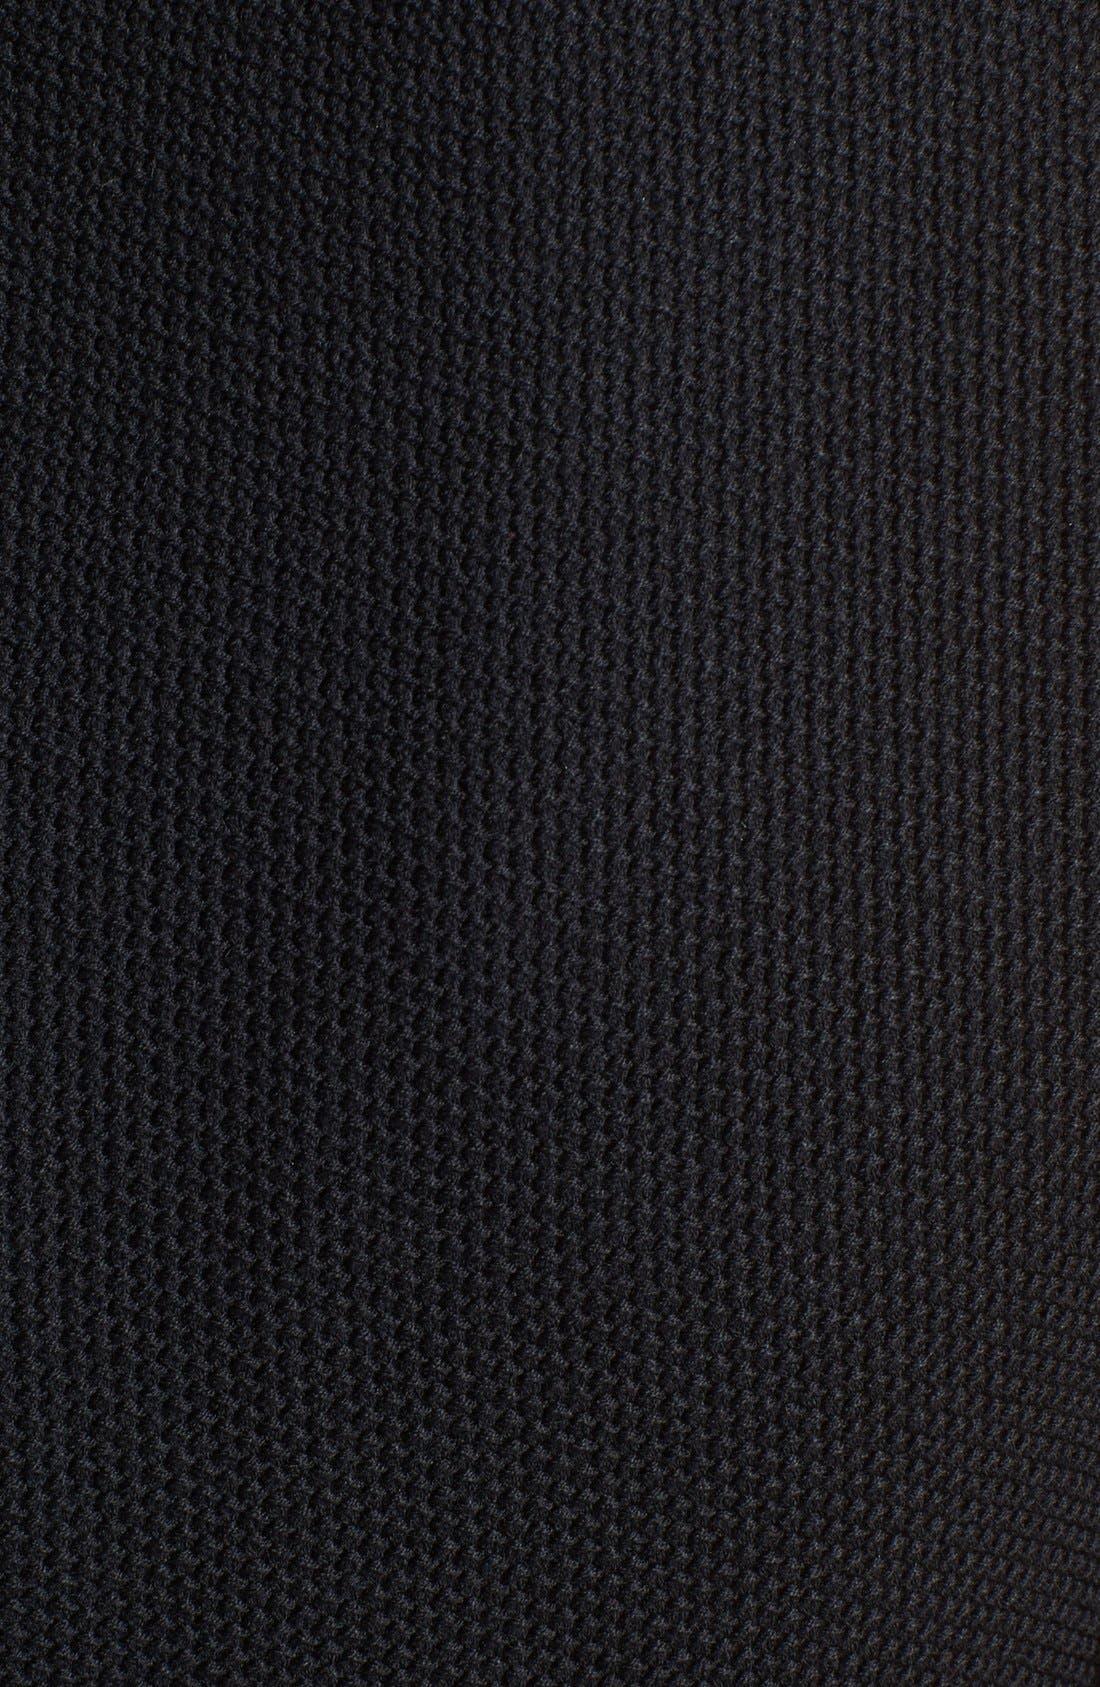 Alternate Image 3  - St. John Collection Novelty Ribbon Knit Dress